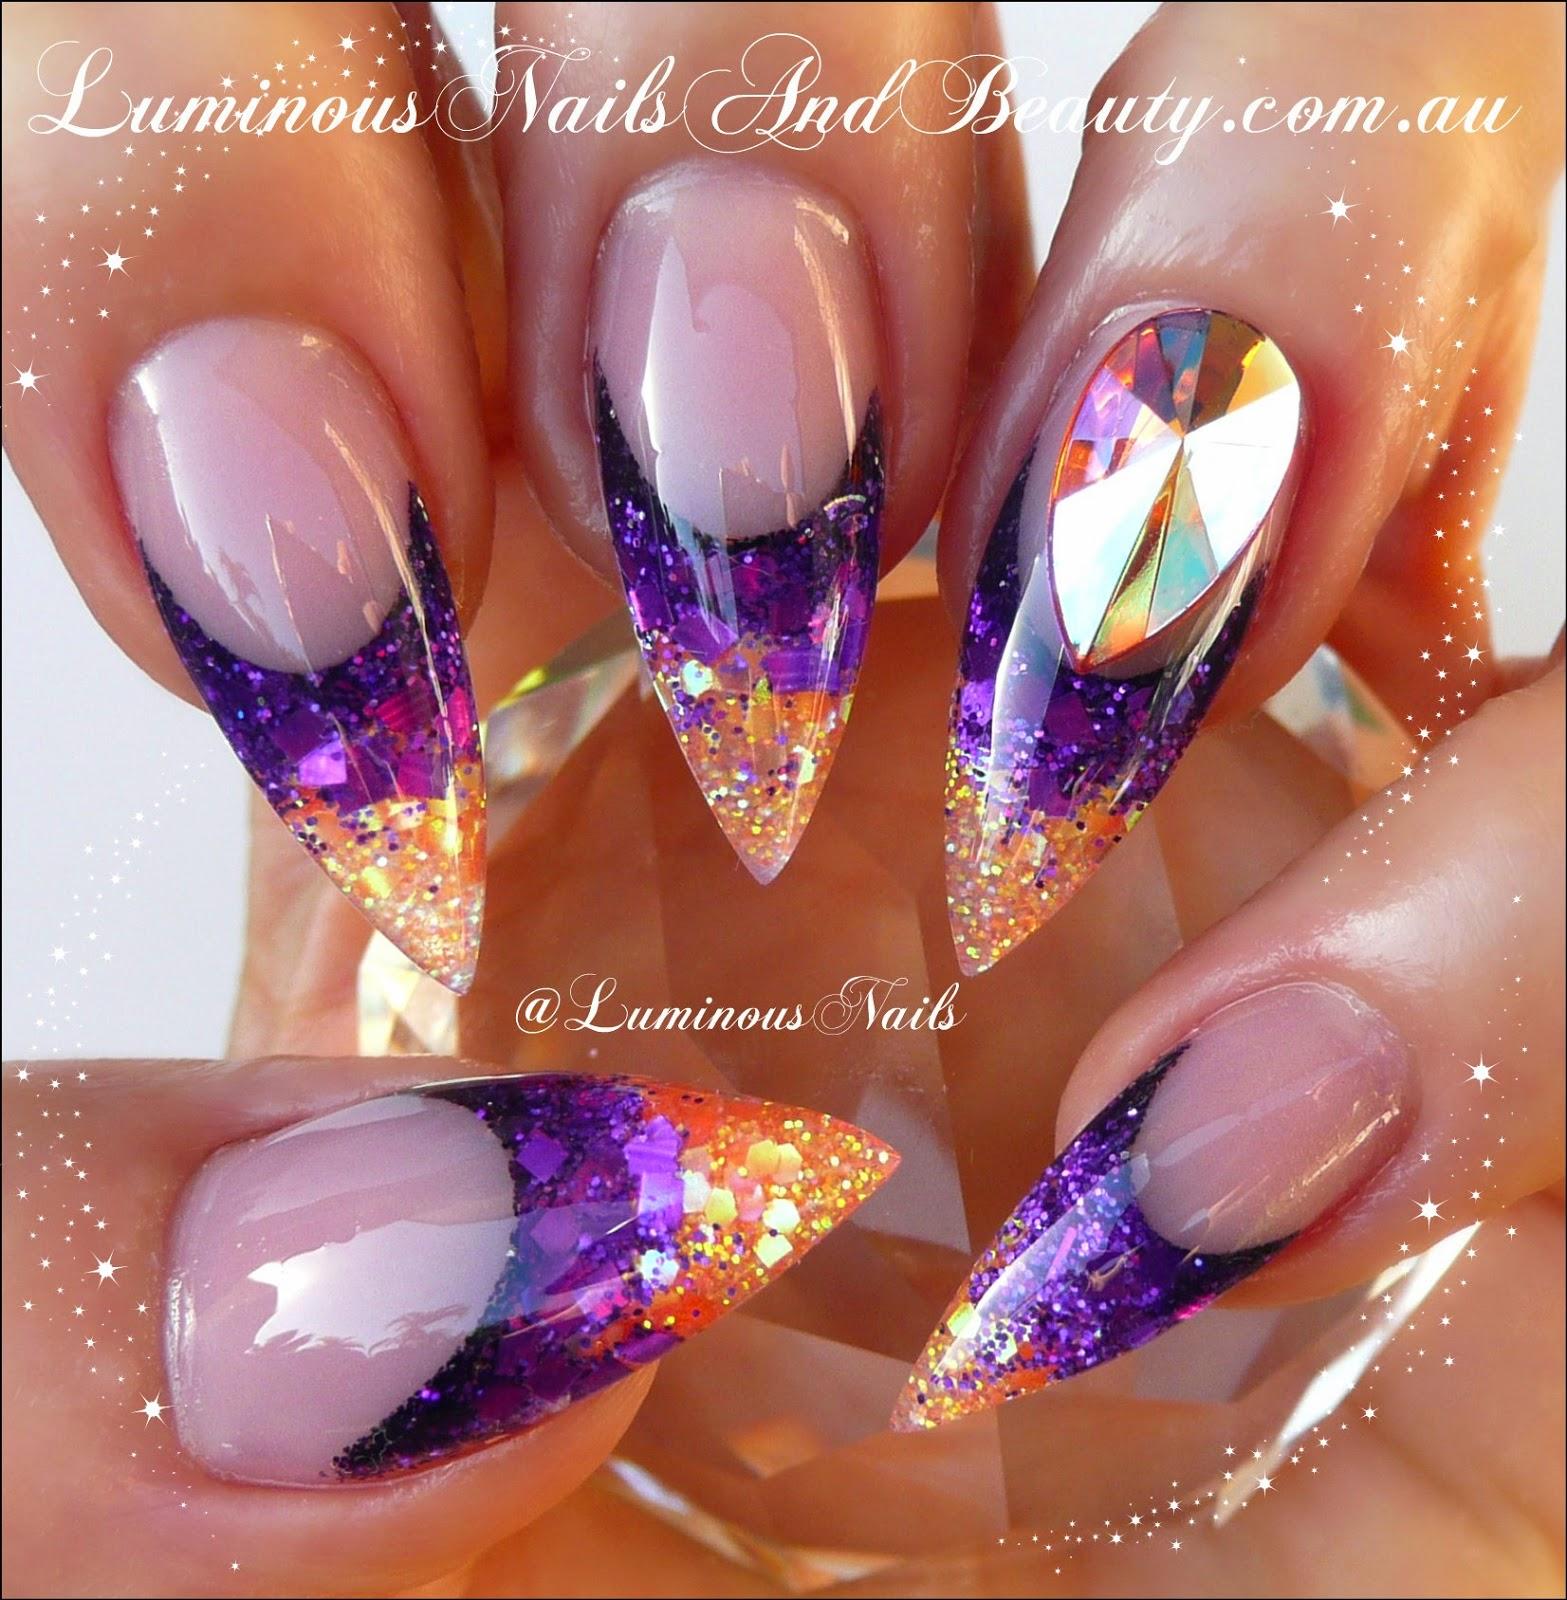 luminous nails: purple & orange acryic nails with big bling